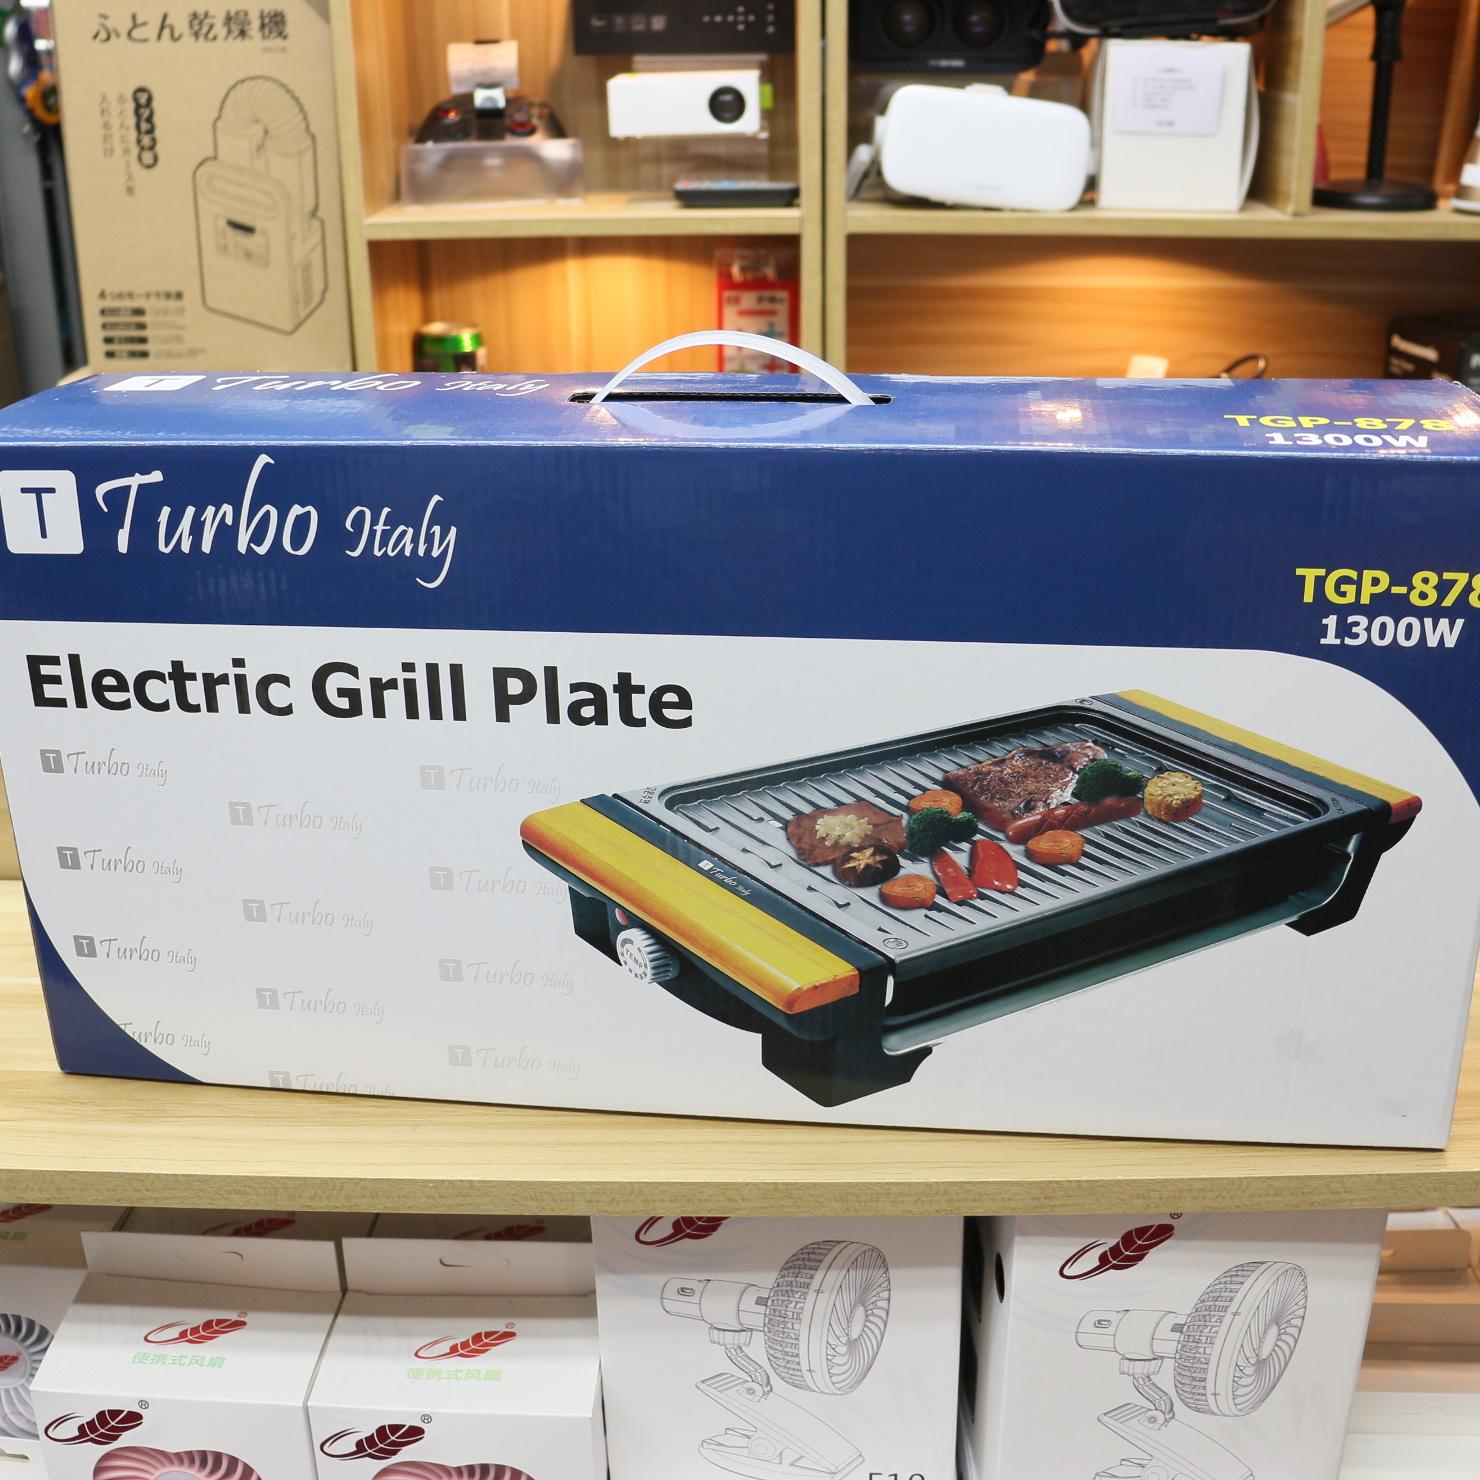 Turbo TGP-878 電燒烤爐  - Outlet Express HK生活百貨城實拍相片